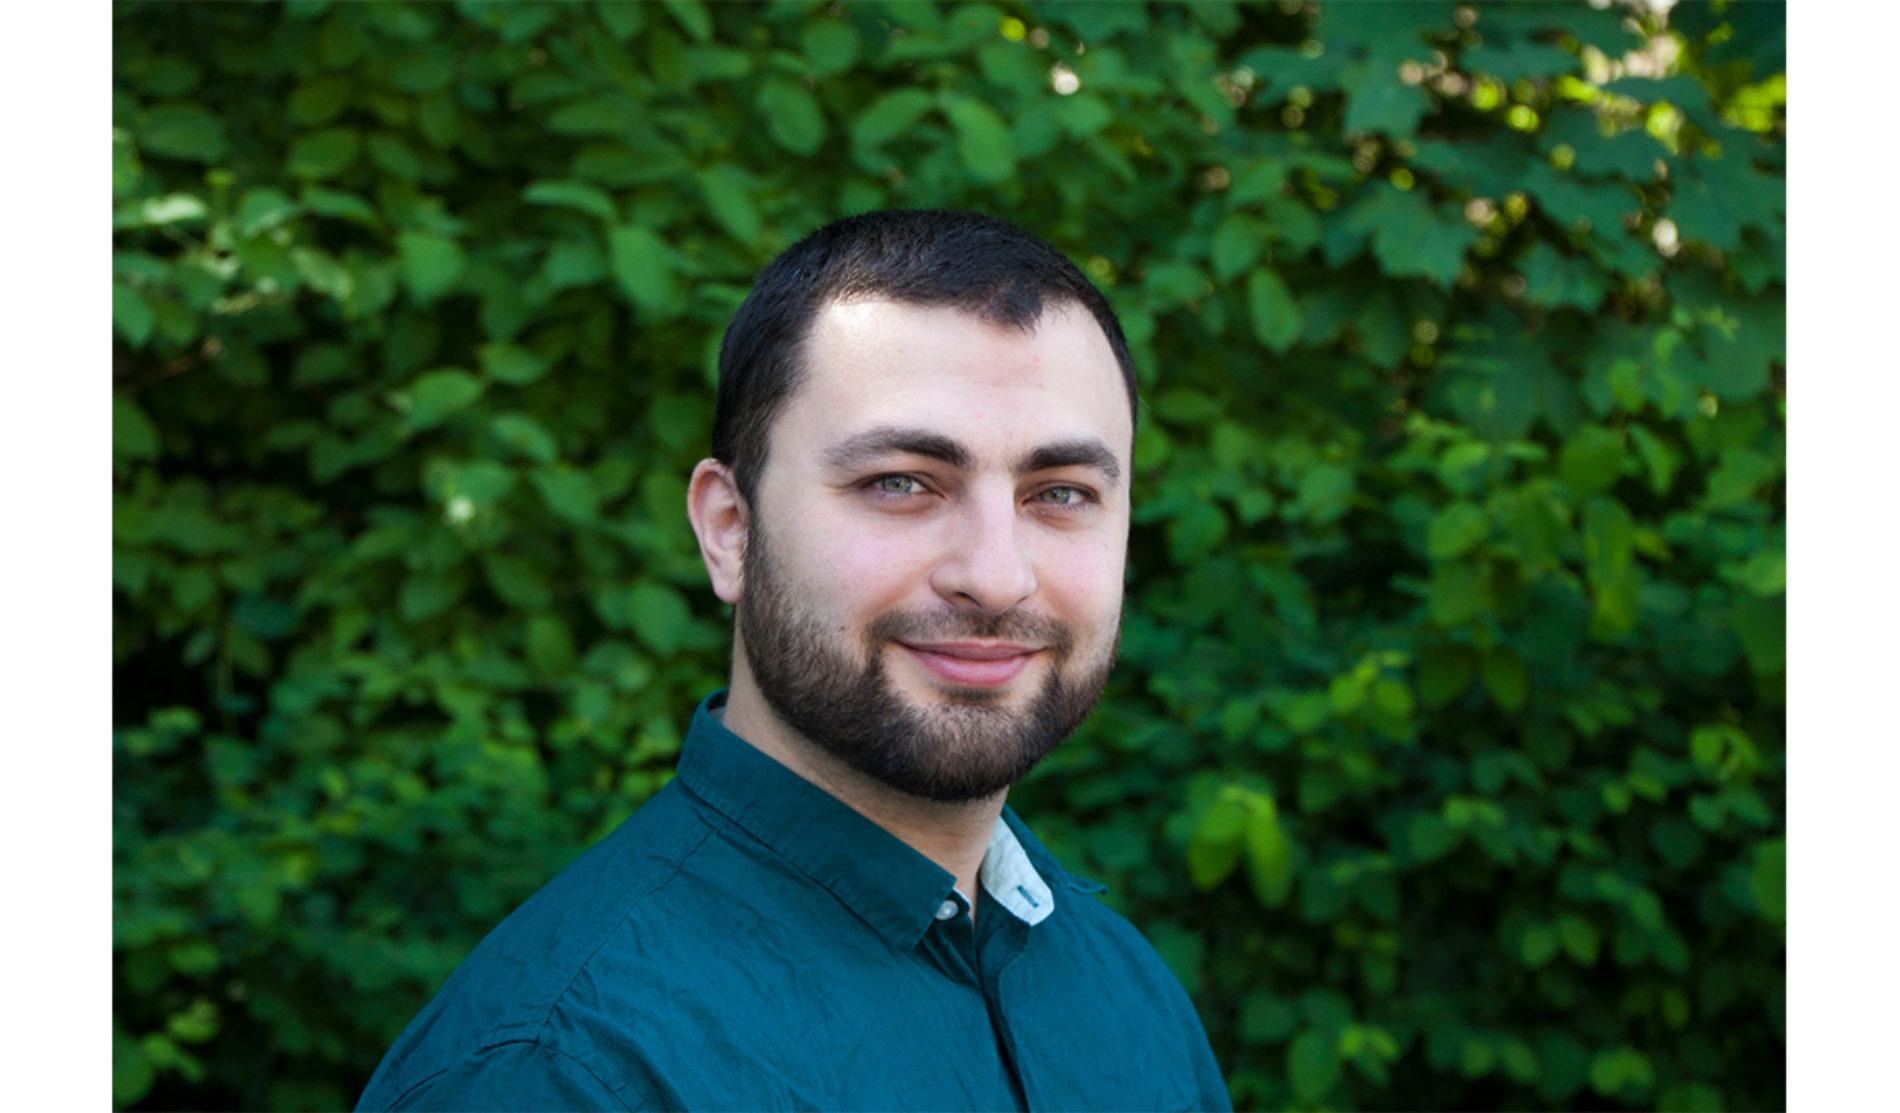 Nu väntar studier för Omar Mustafa